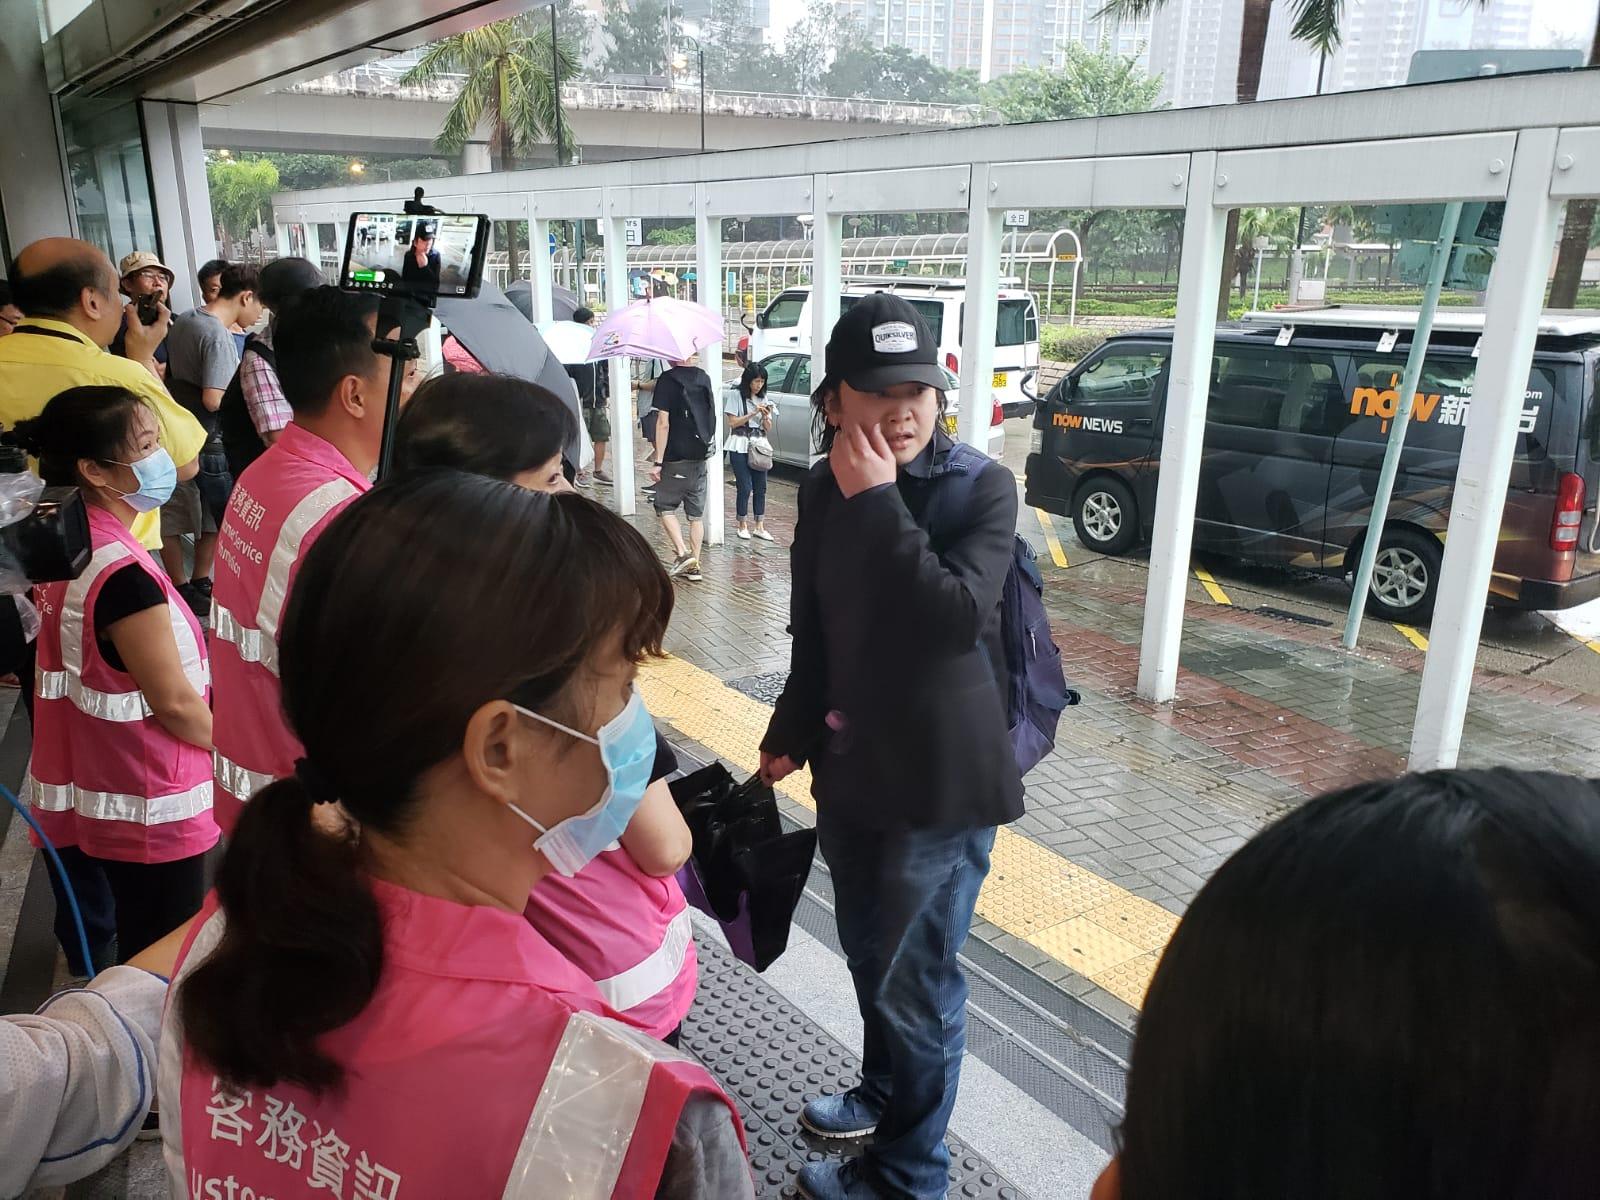 在荃灣西站,有旅客不知港鐵的臨時安排,顯得一臉彷徨。